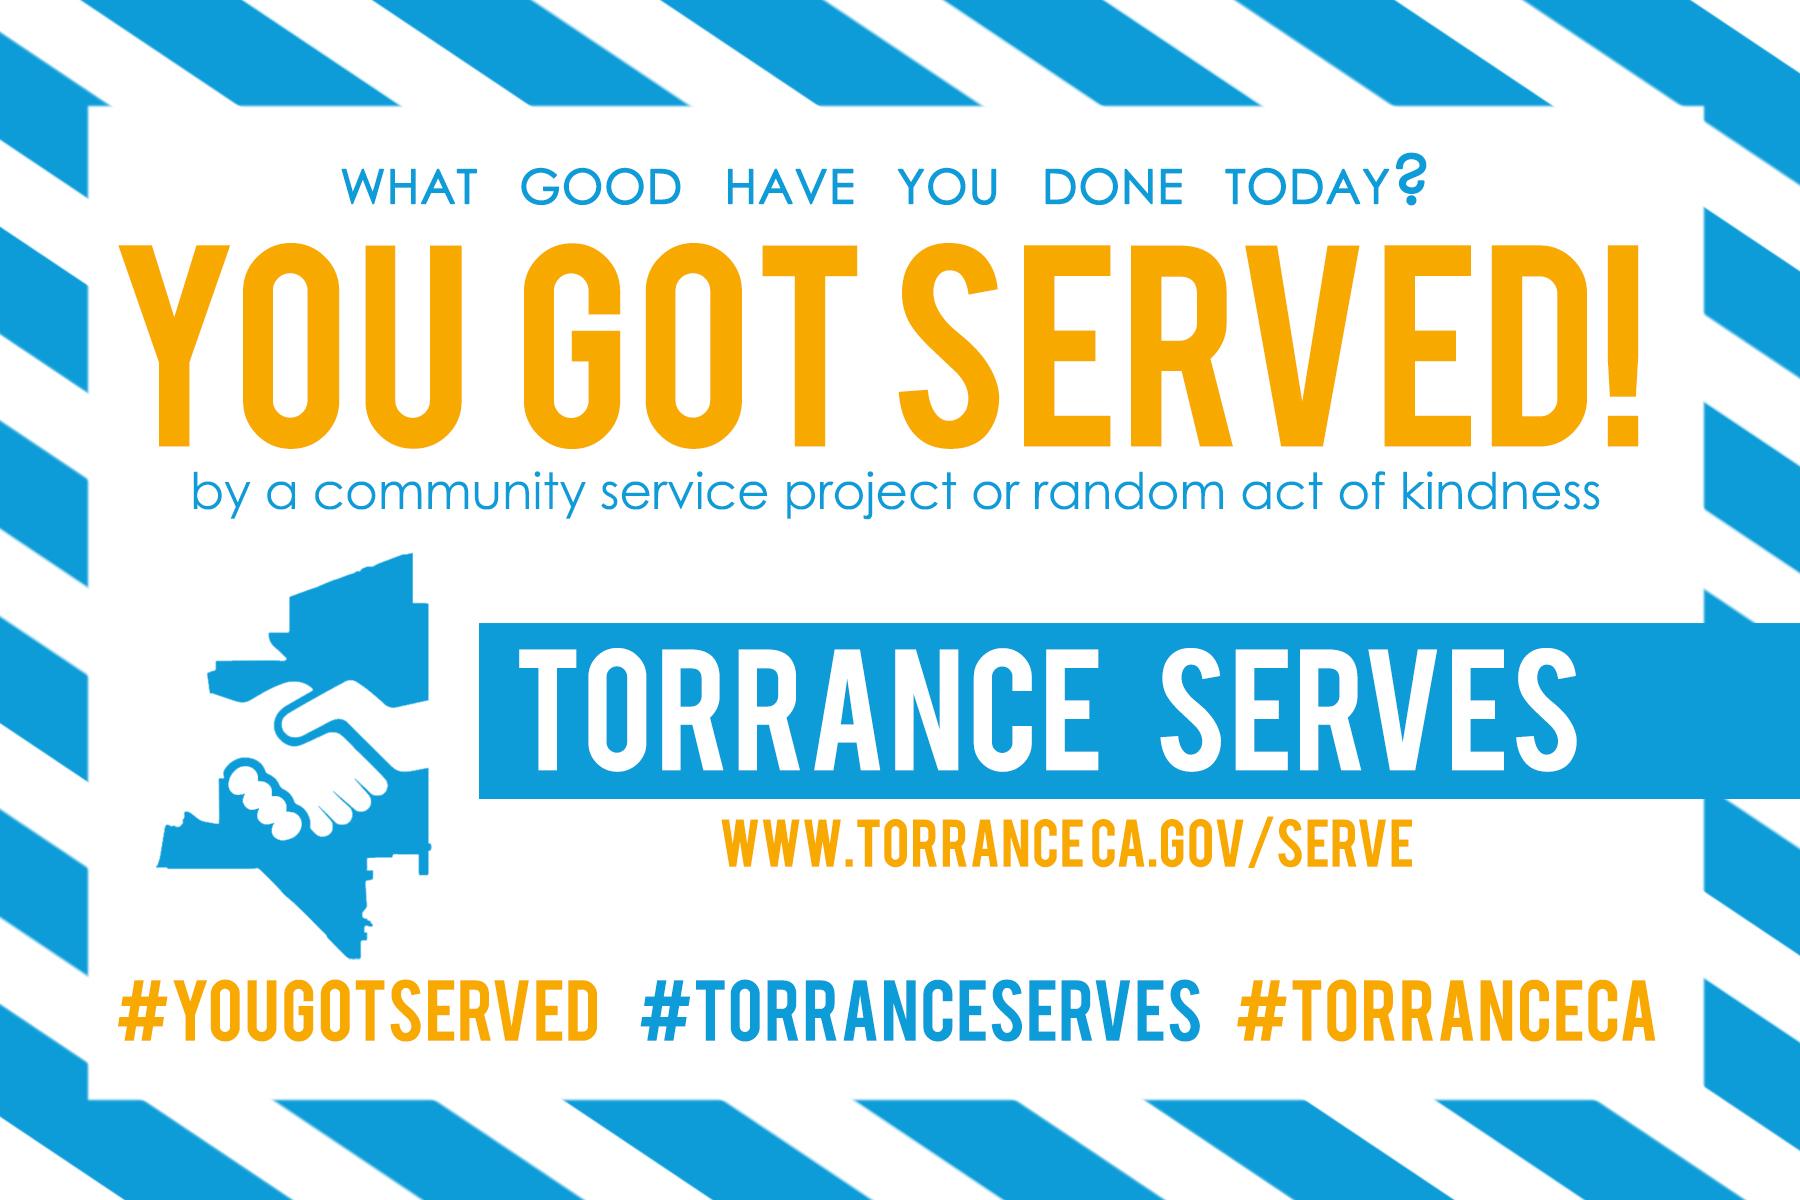 You got served flyer